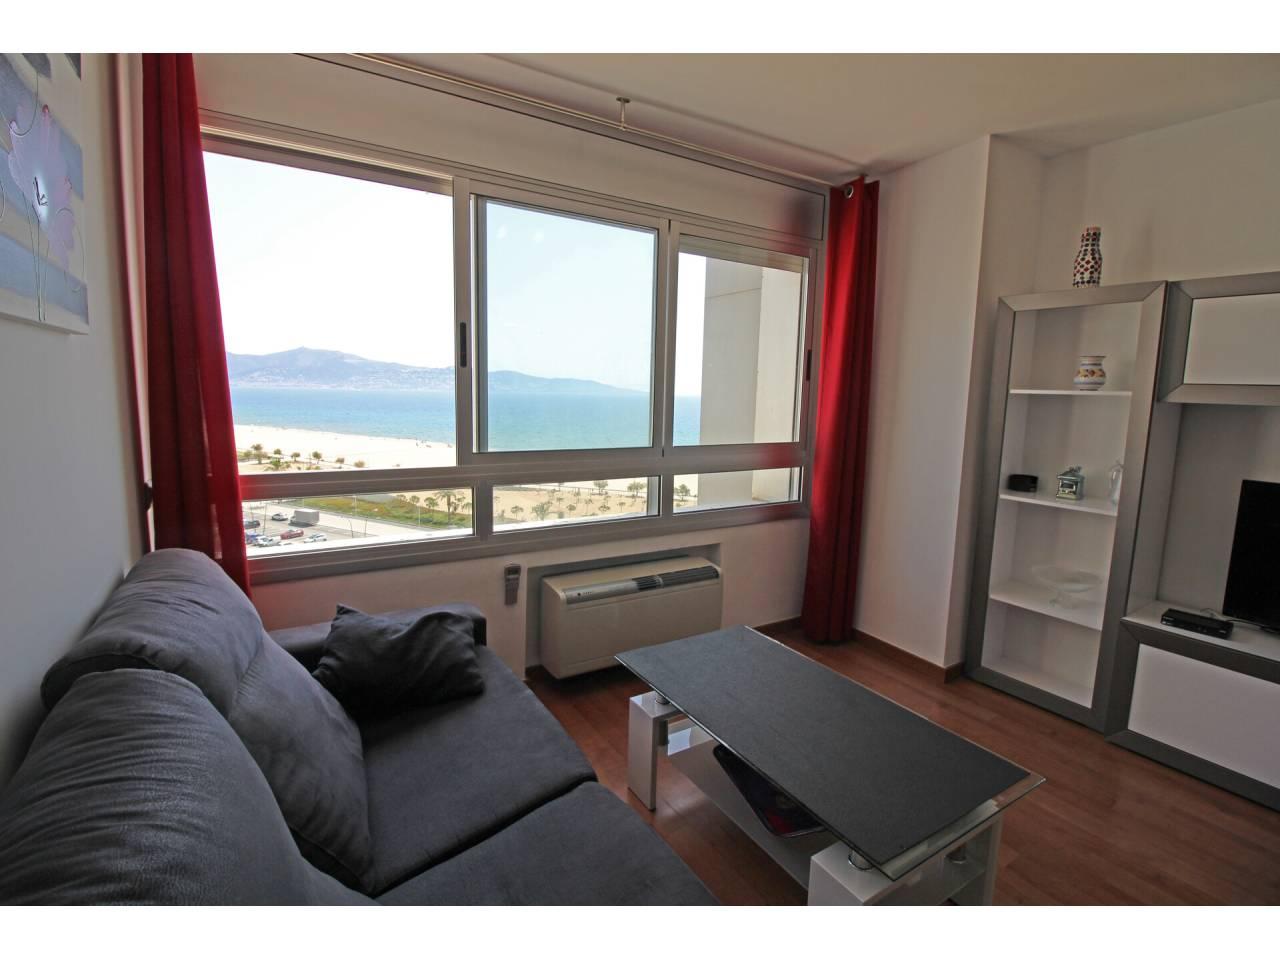 000003 - ANCORA  Квартира с видом на море и пляж EMPURIABRAVA